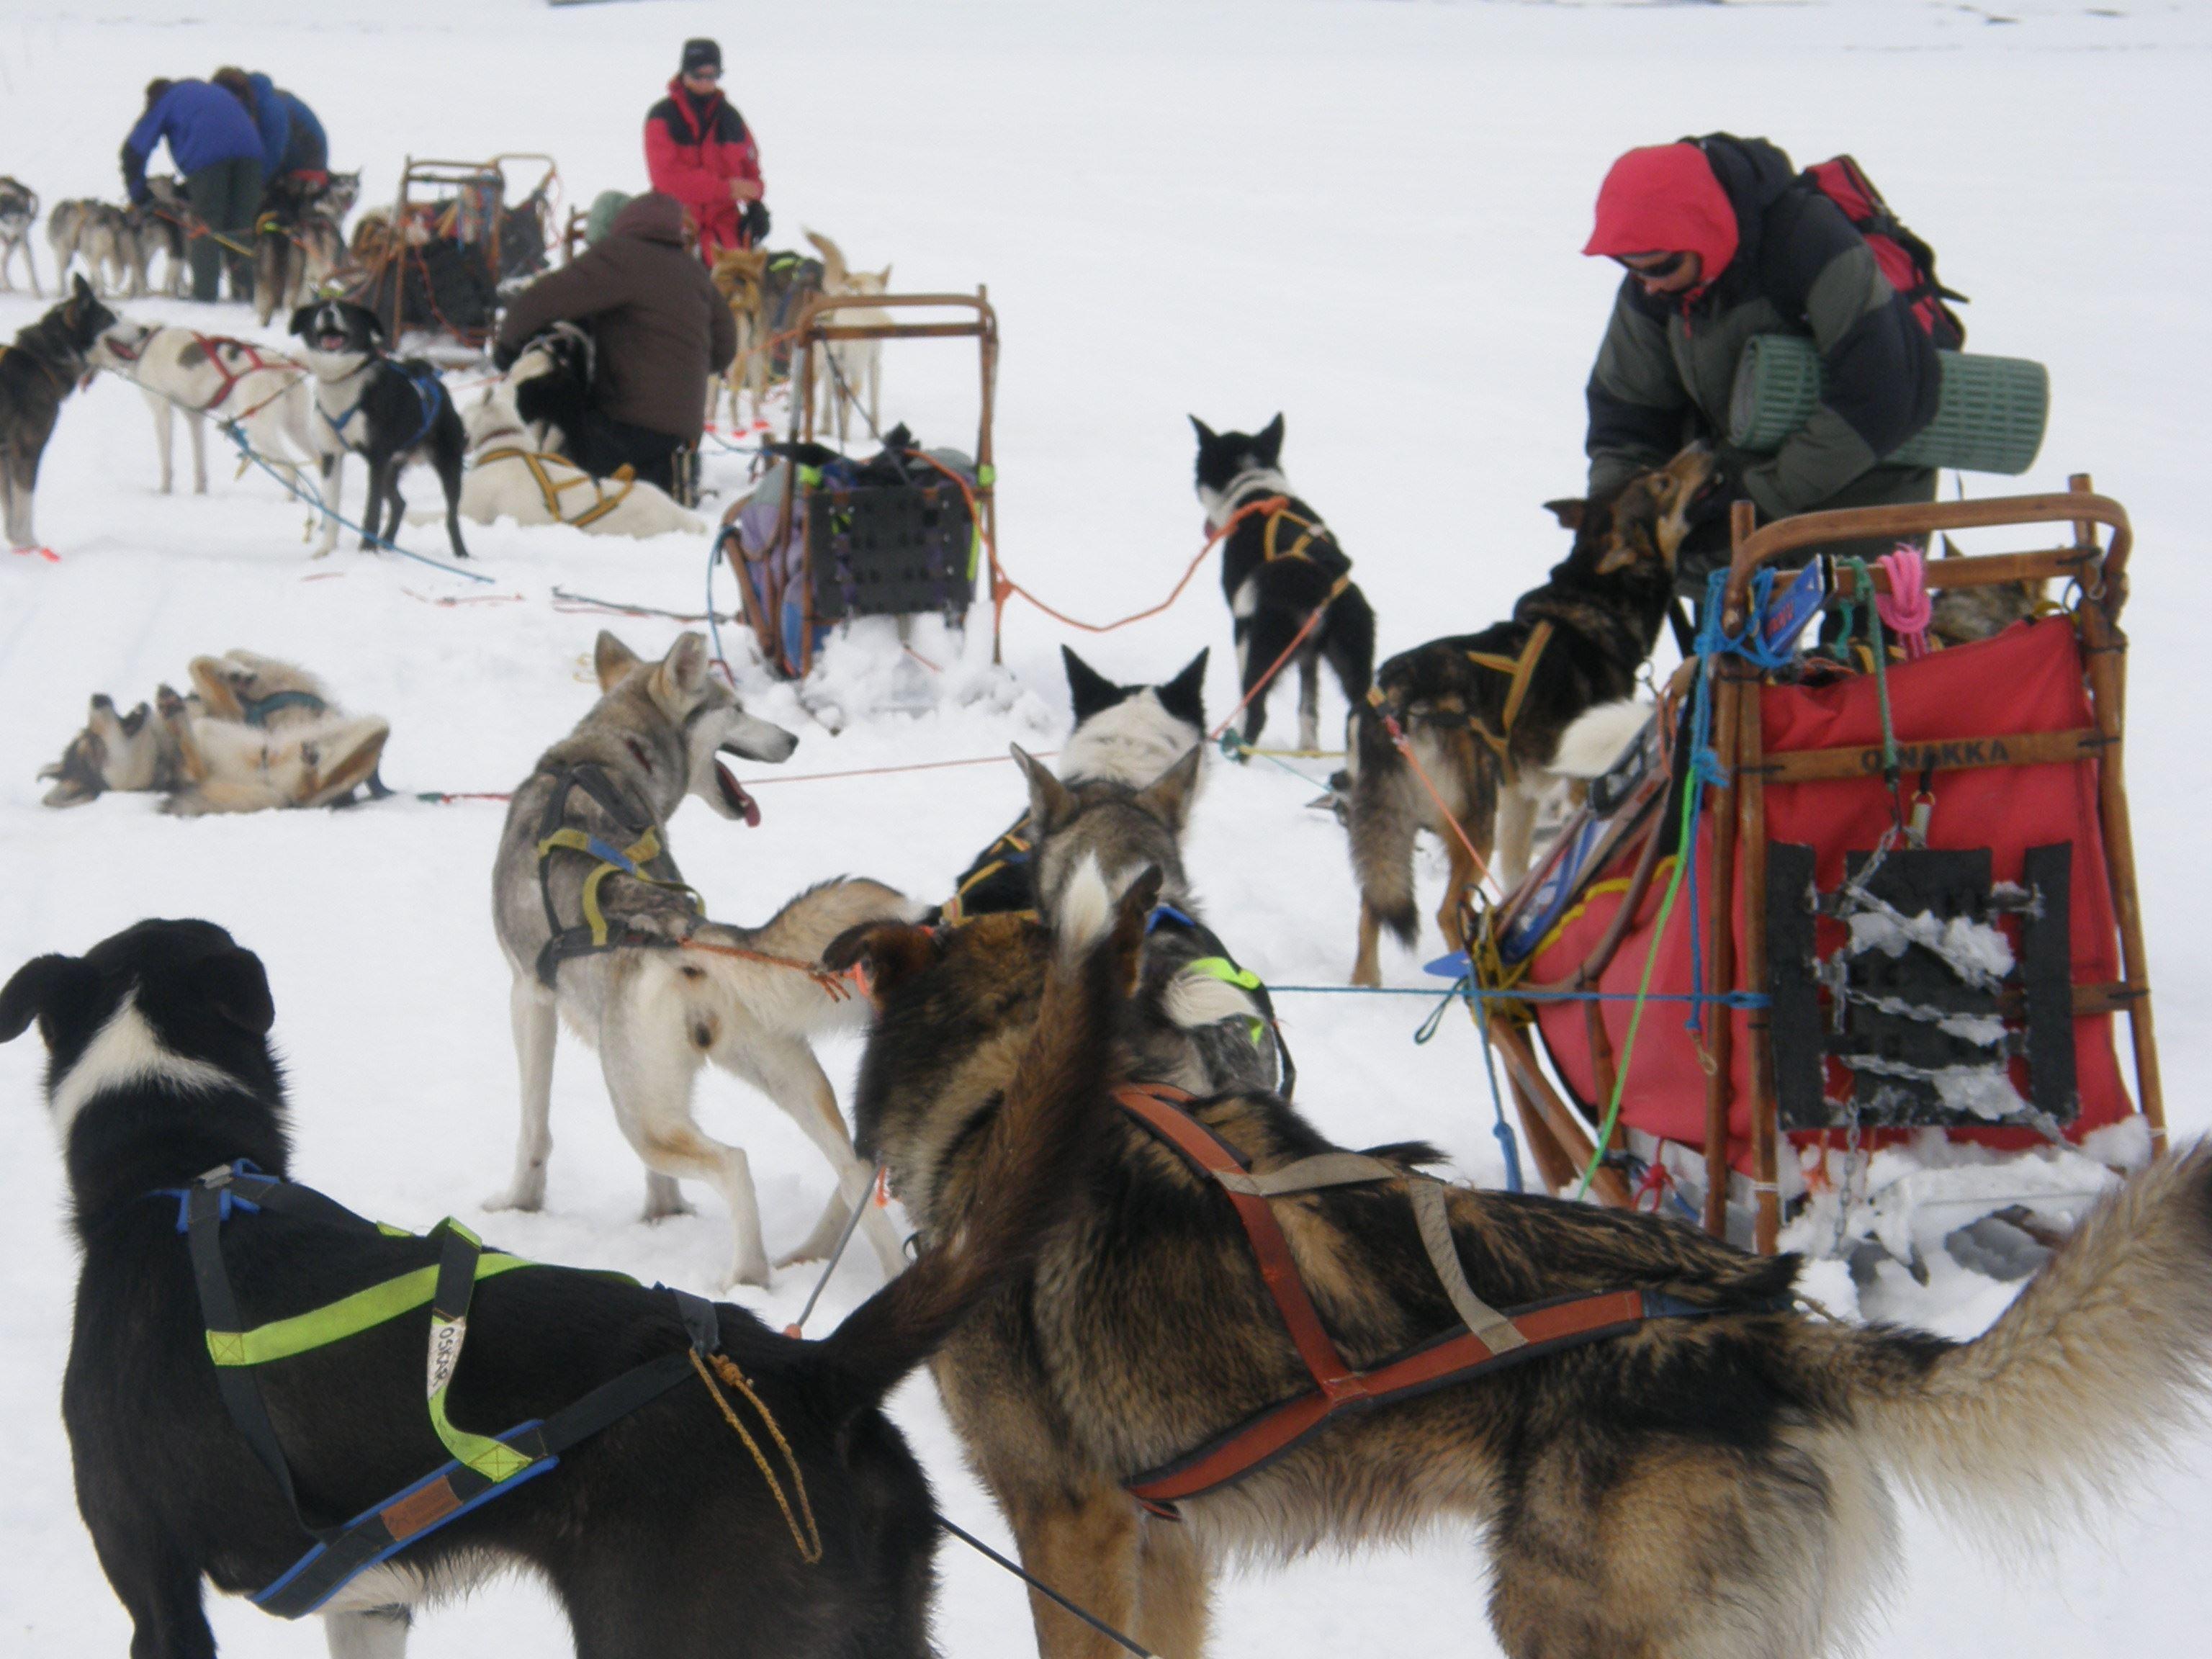 Ski and dogsled